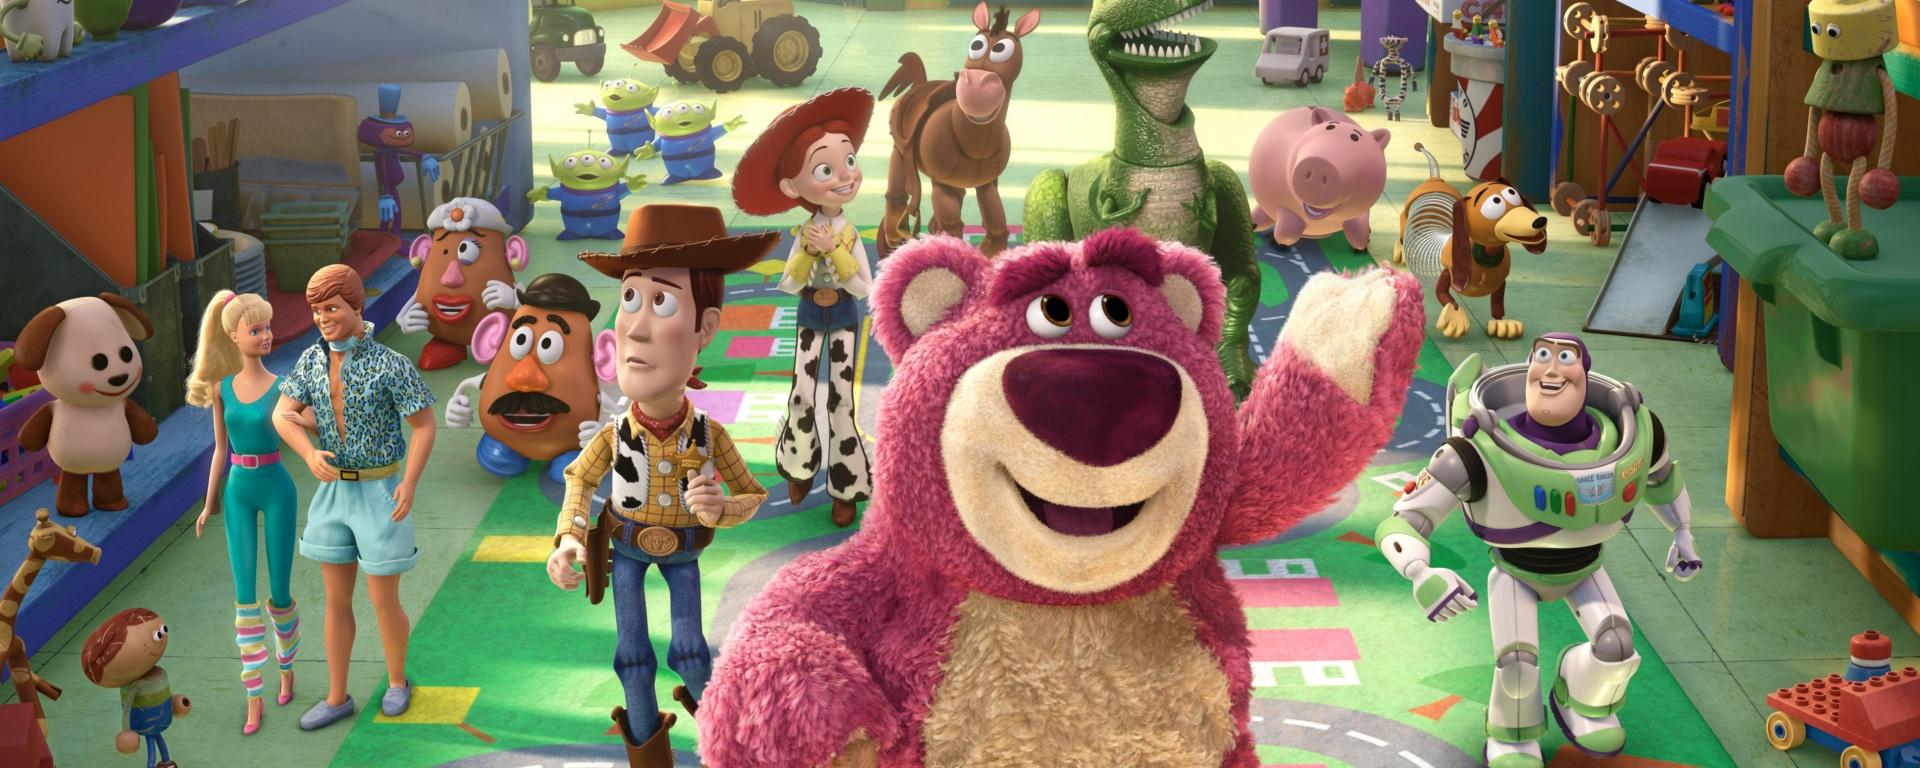 Toy Story 3 - CineFatti